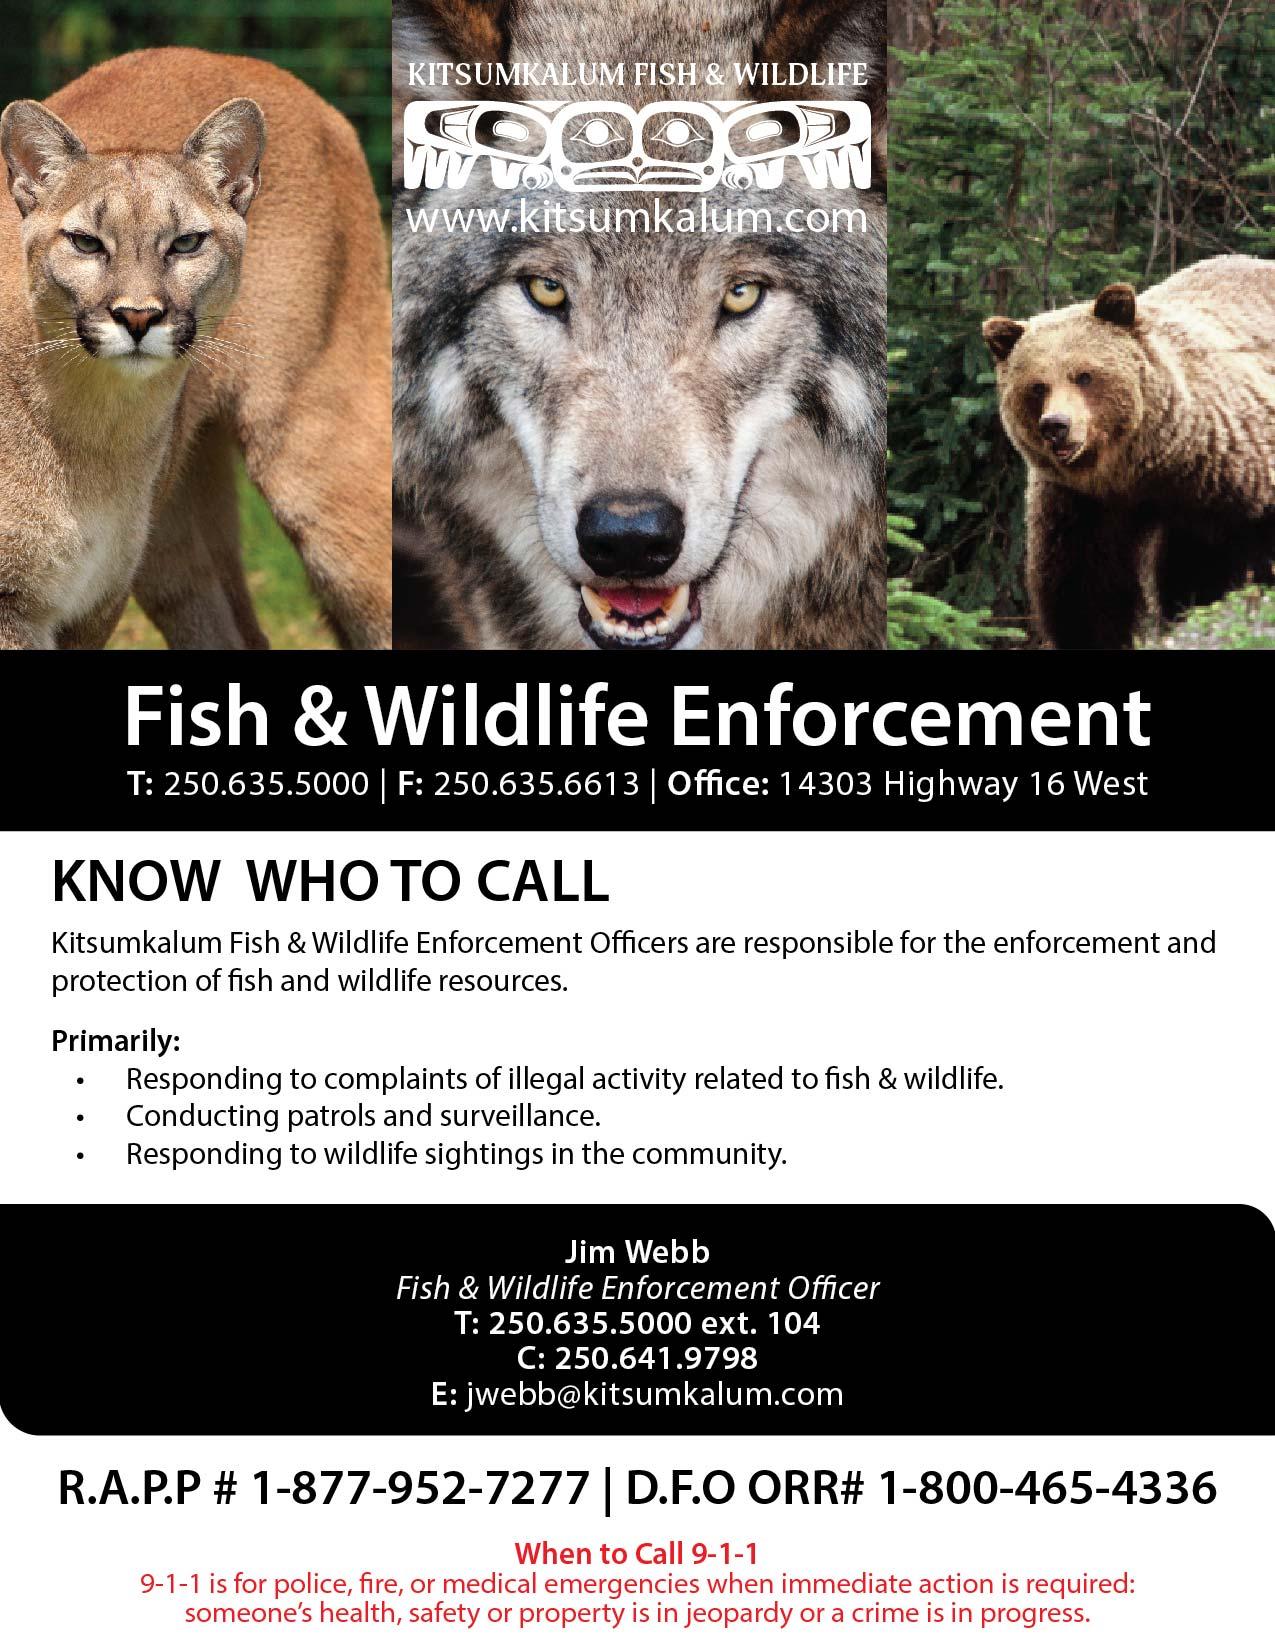 Fish & Wildlife Enforcement